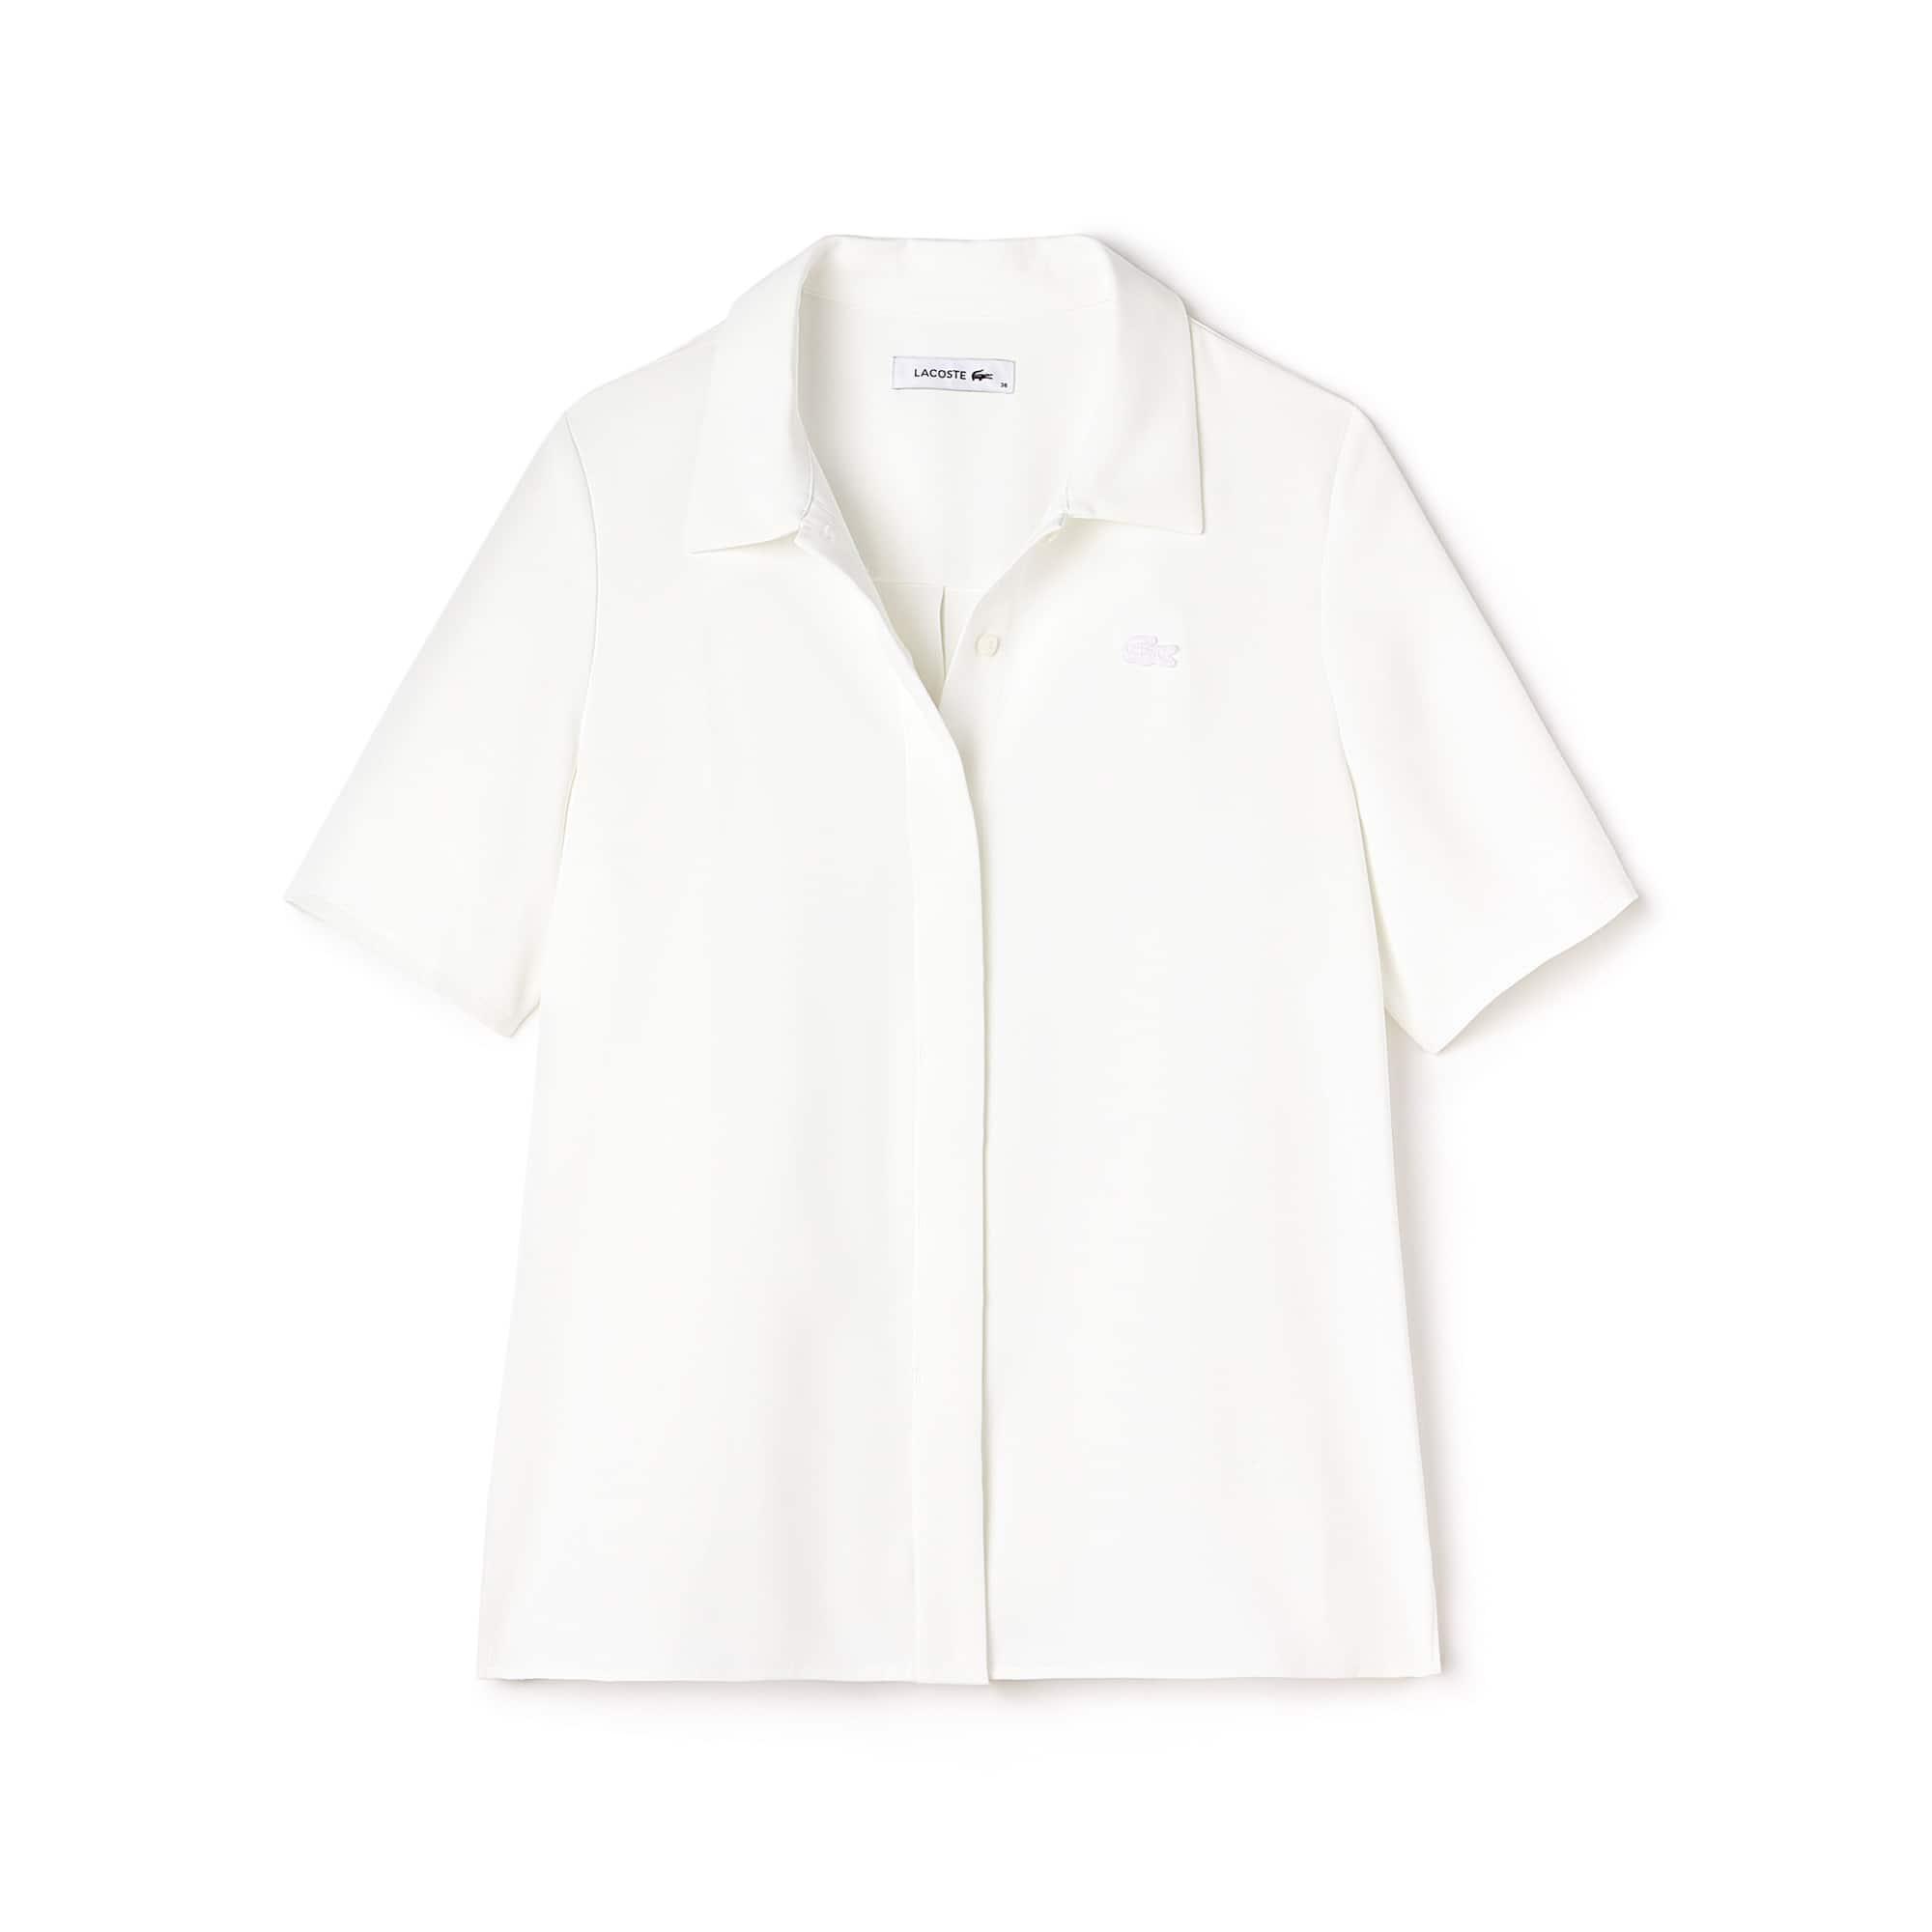 Regular Fit Damen-Bluse aus Krepp